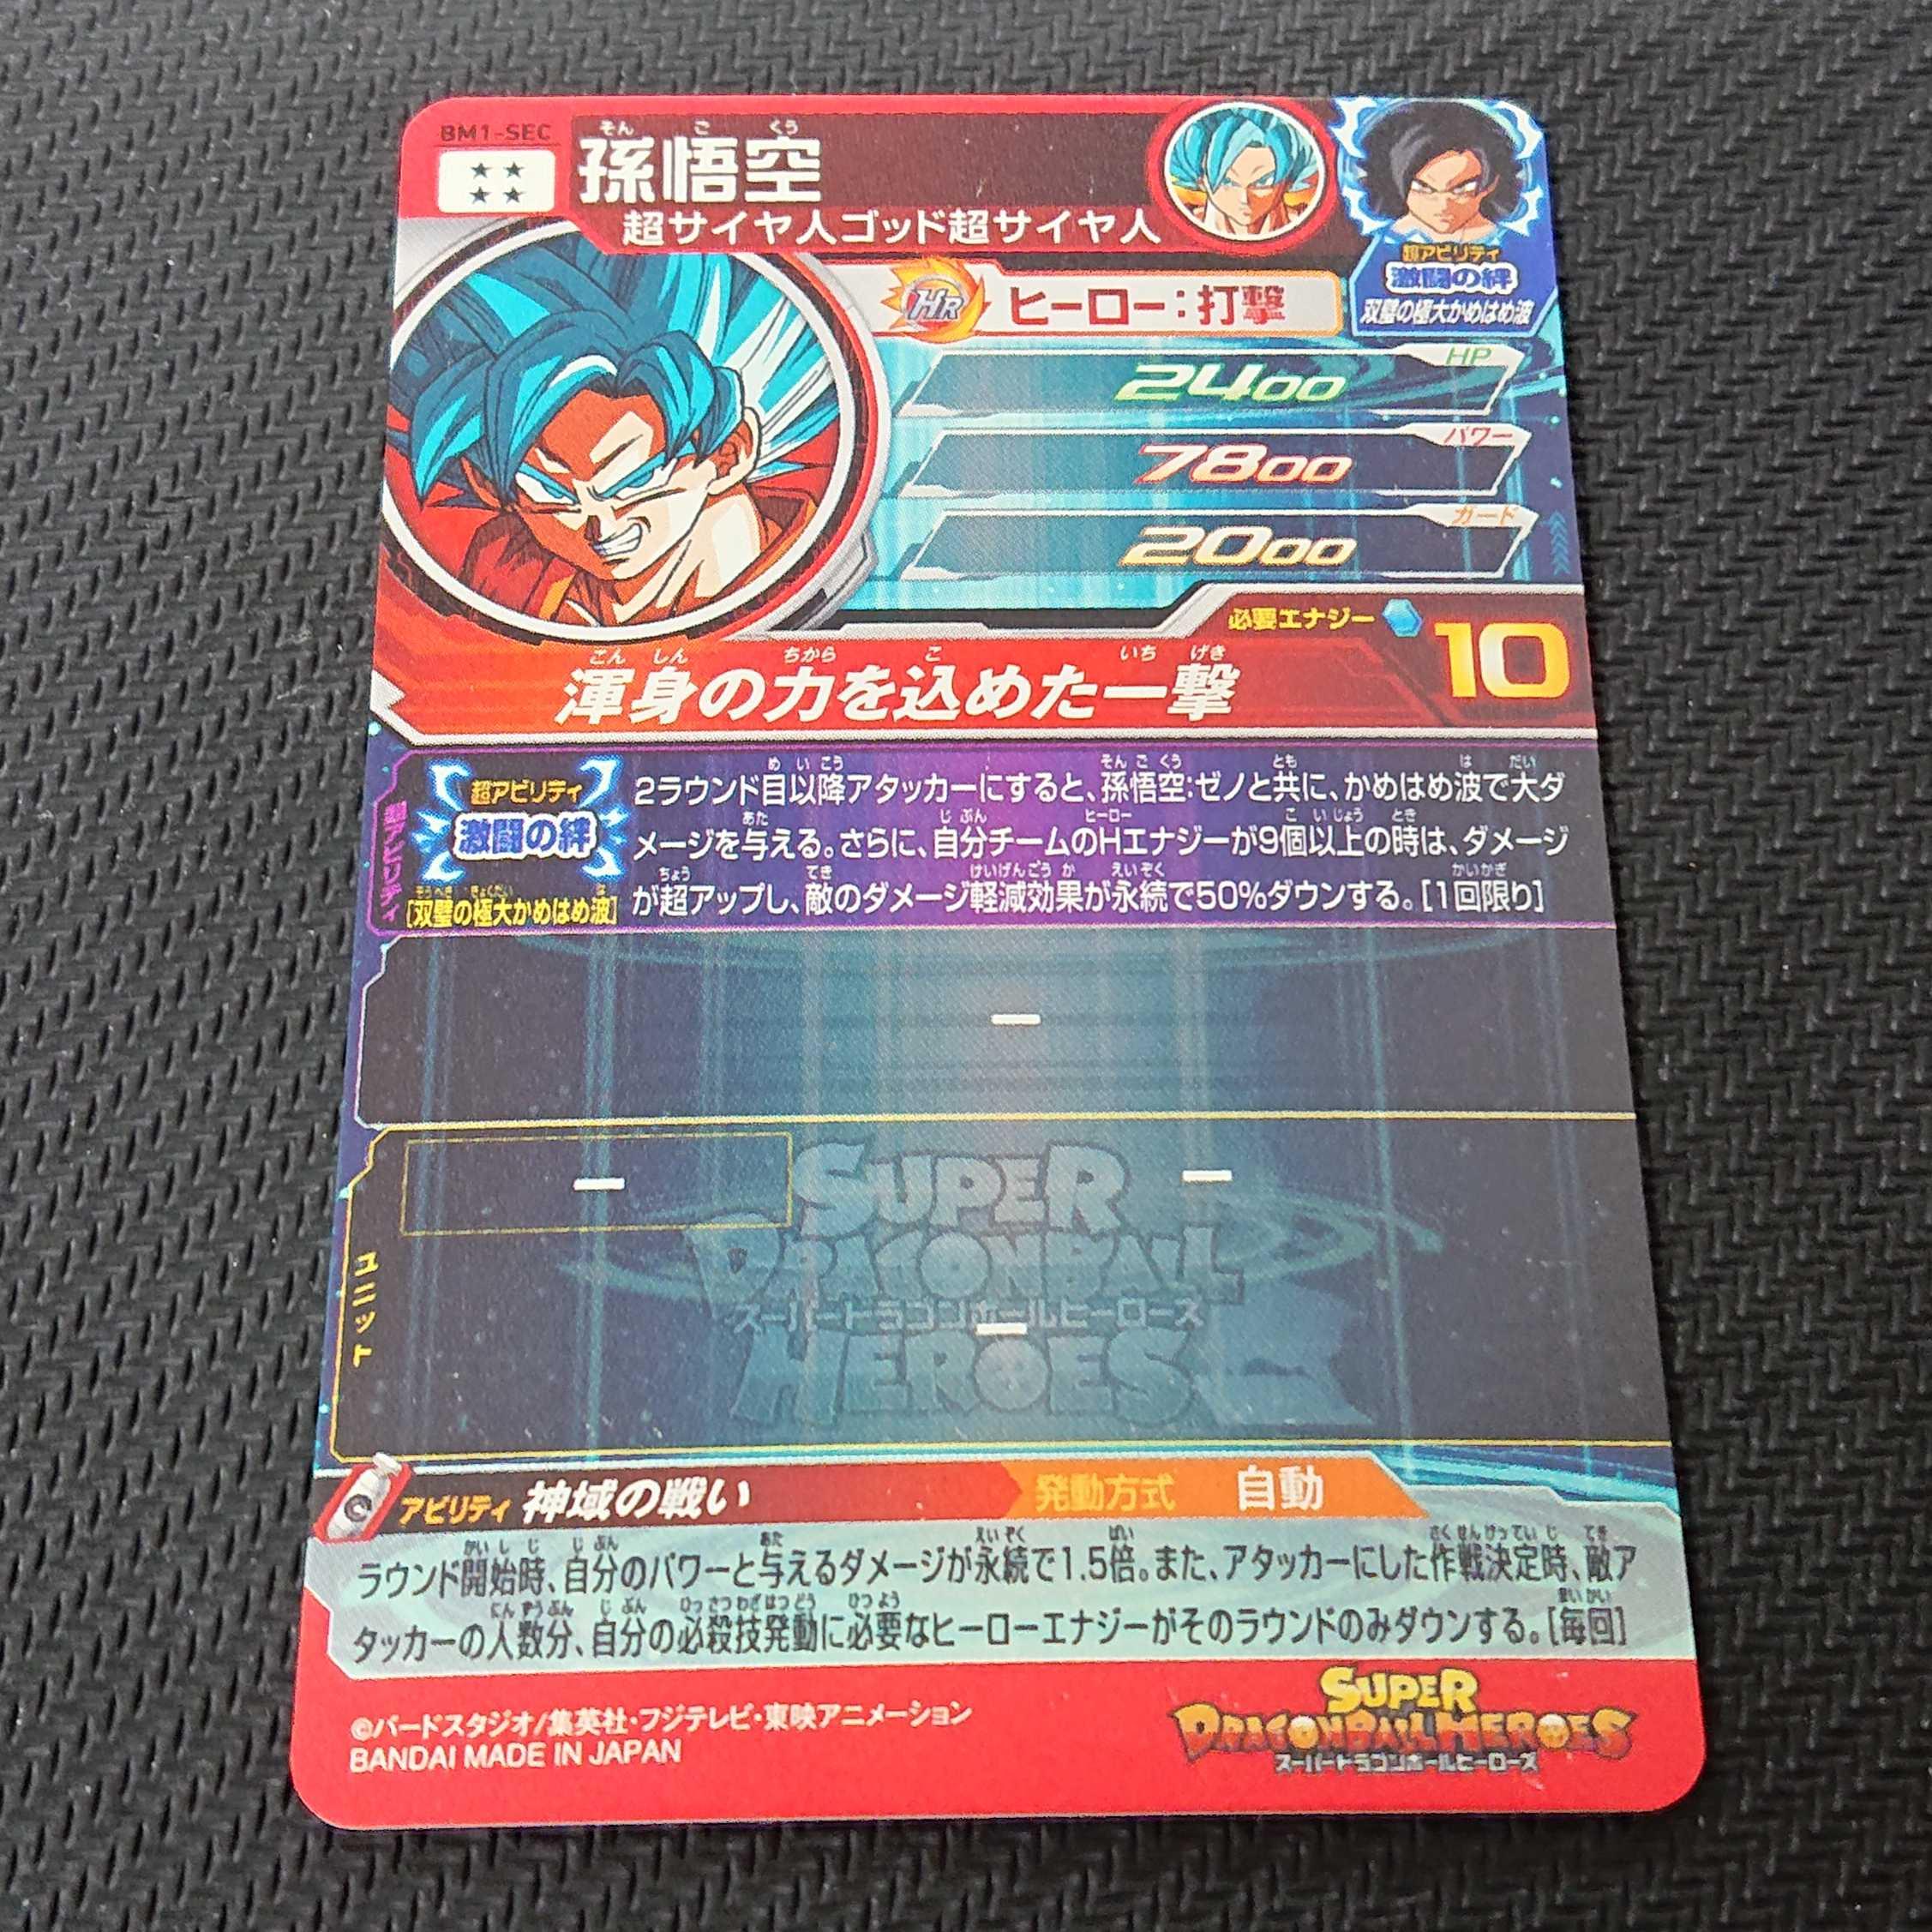 孫悟空 BM1-SEC 【00035-41】